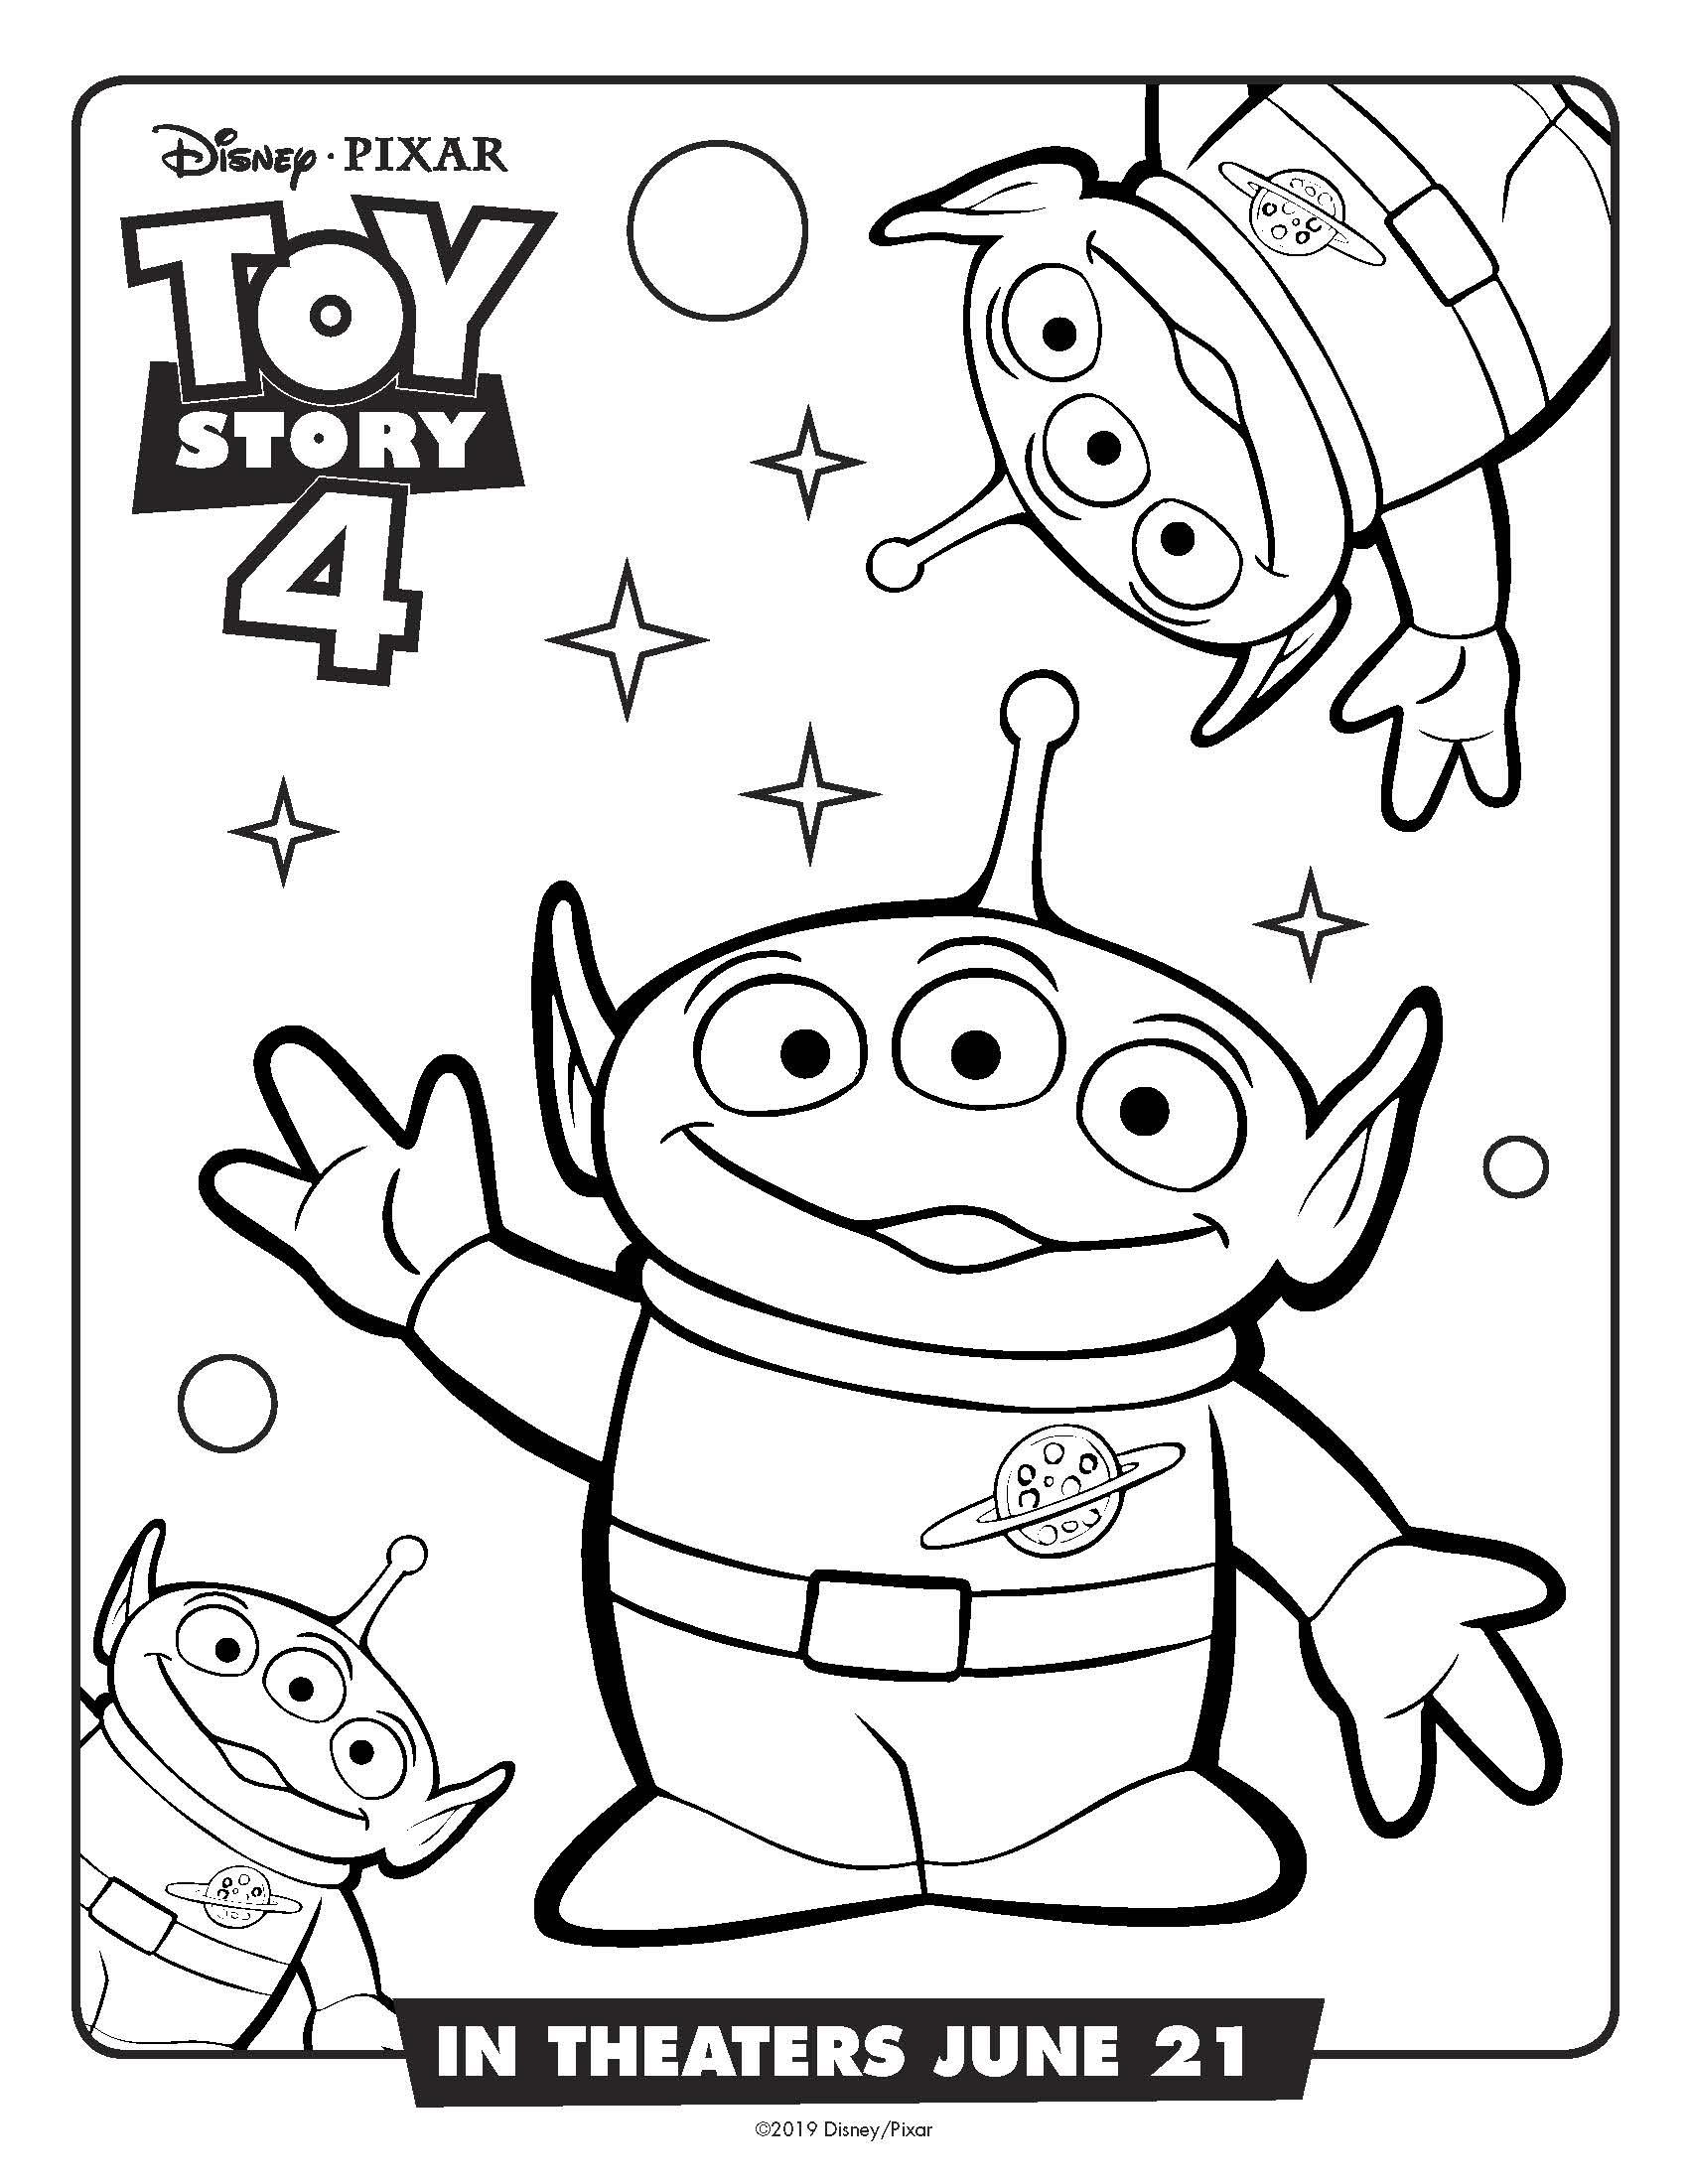 Free Printable Disney Toy Story Aliens Coloring Page #disney #toystory4 #toystory #pixar #aliens #coloringpage #free printable